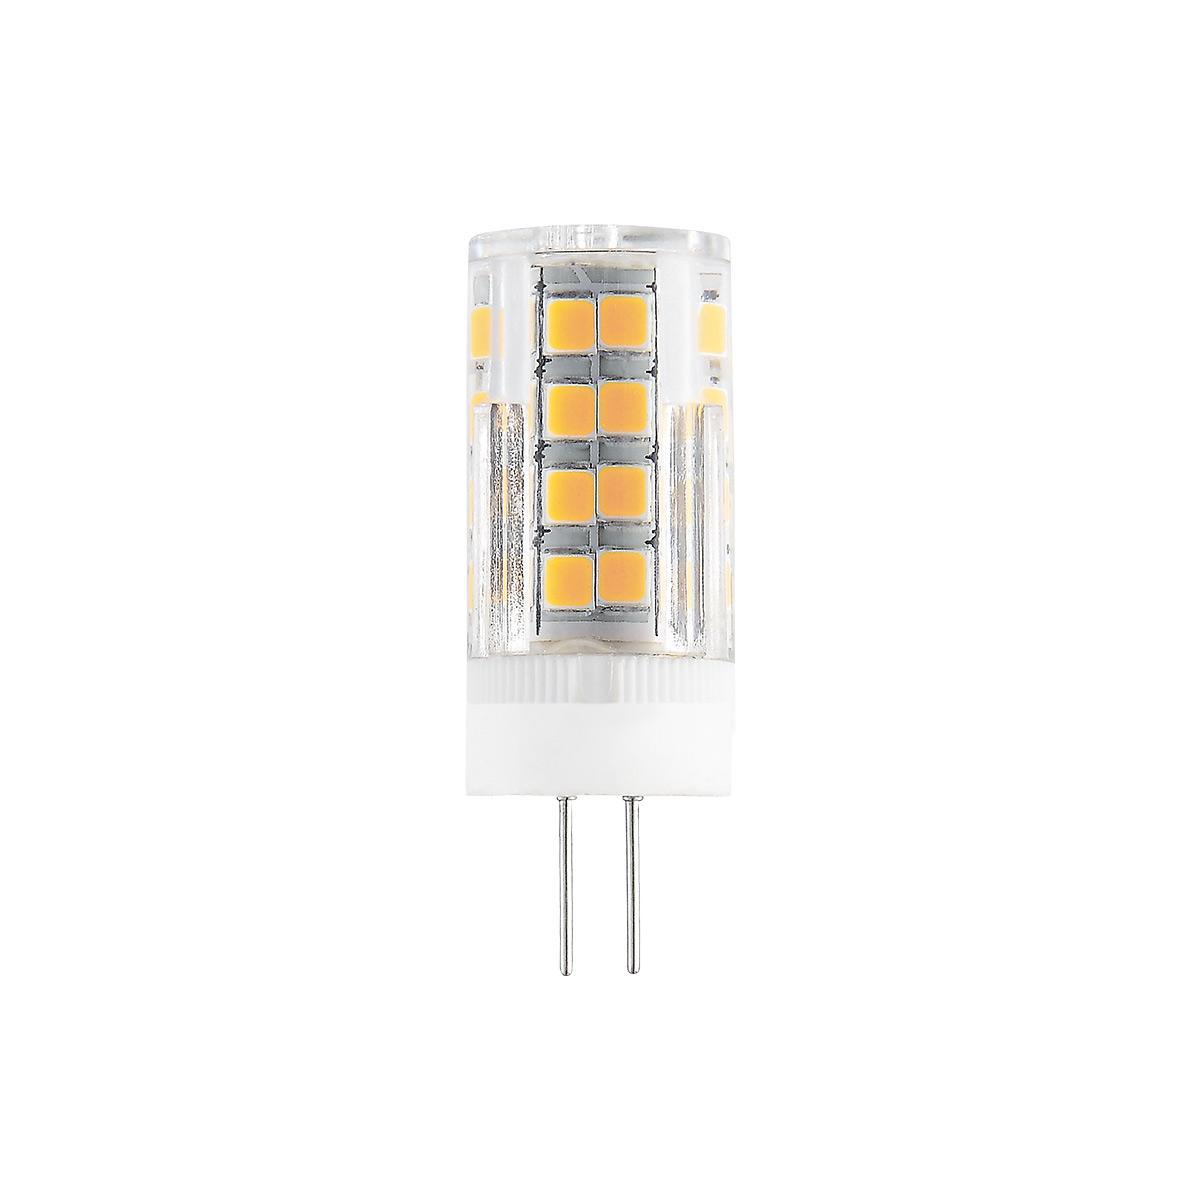 G4 LED BL108 7W 220V 4200K